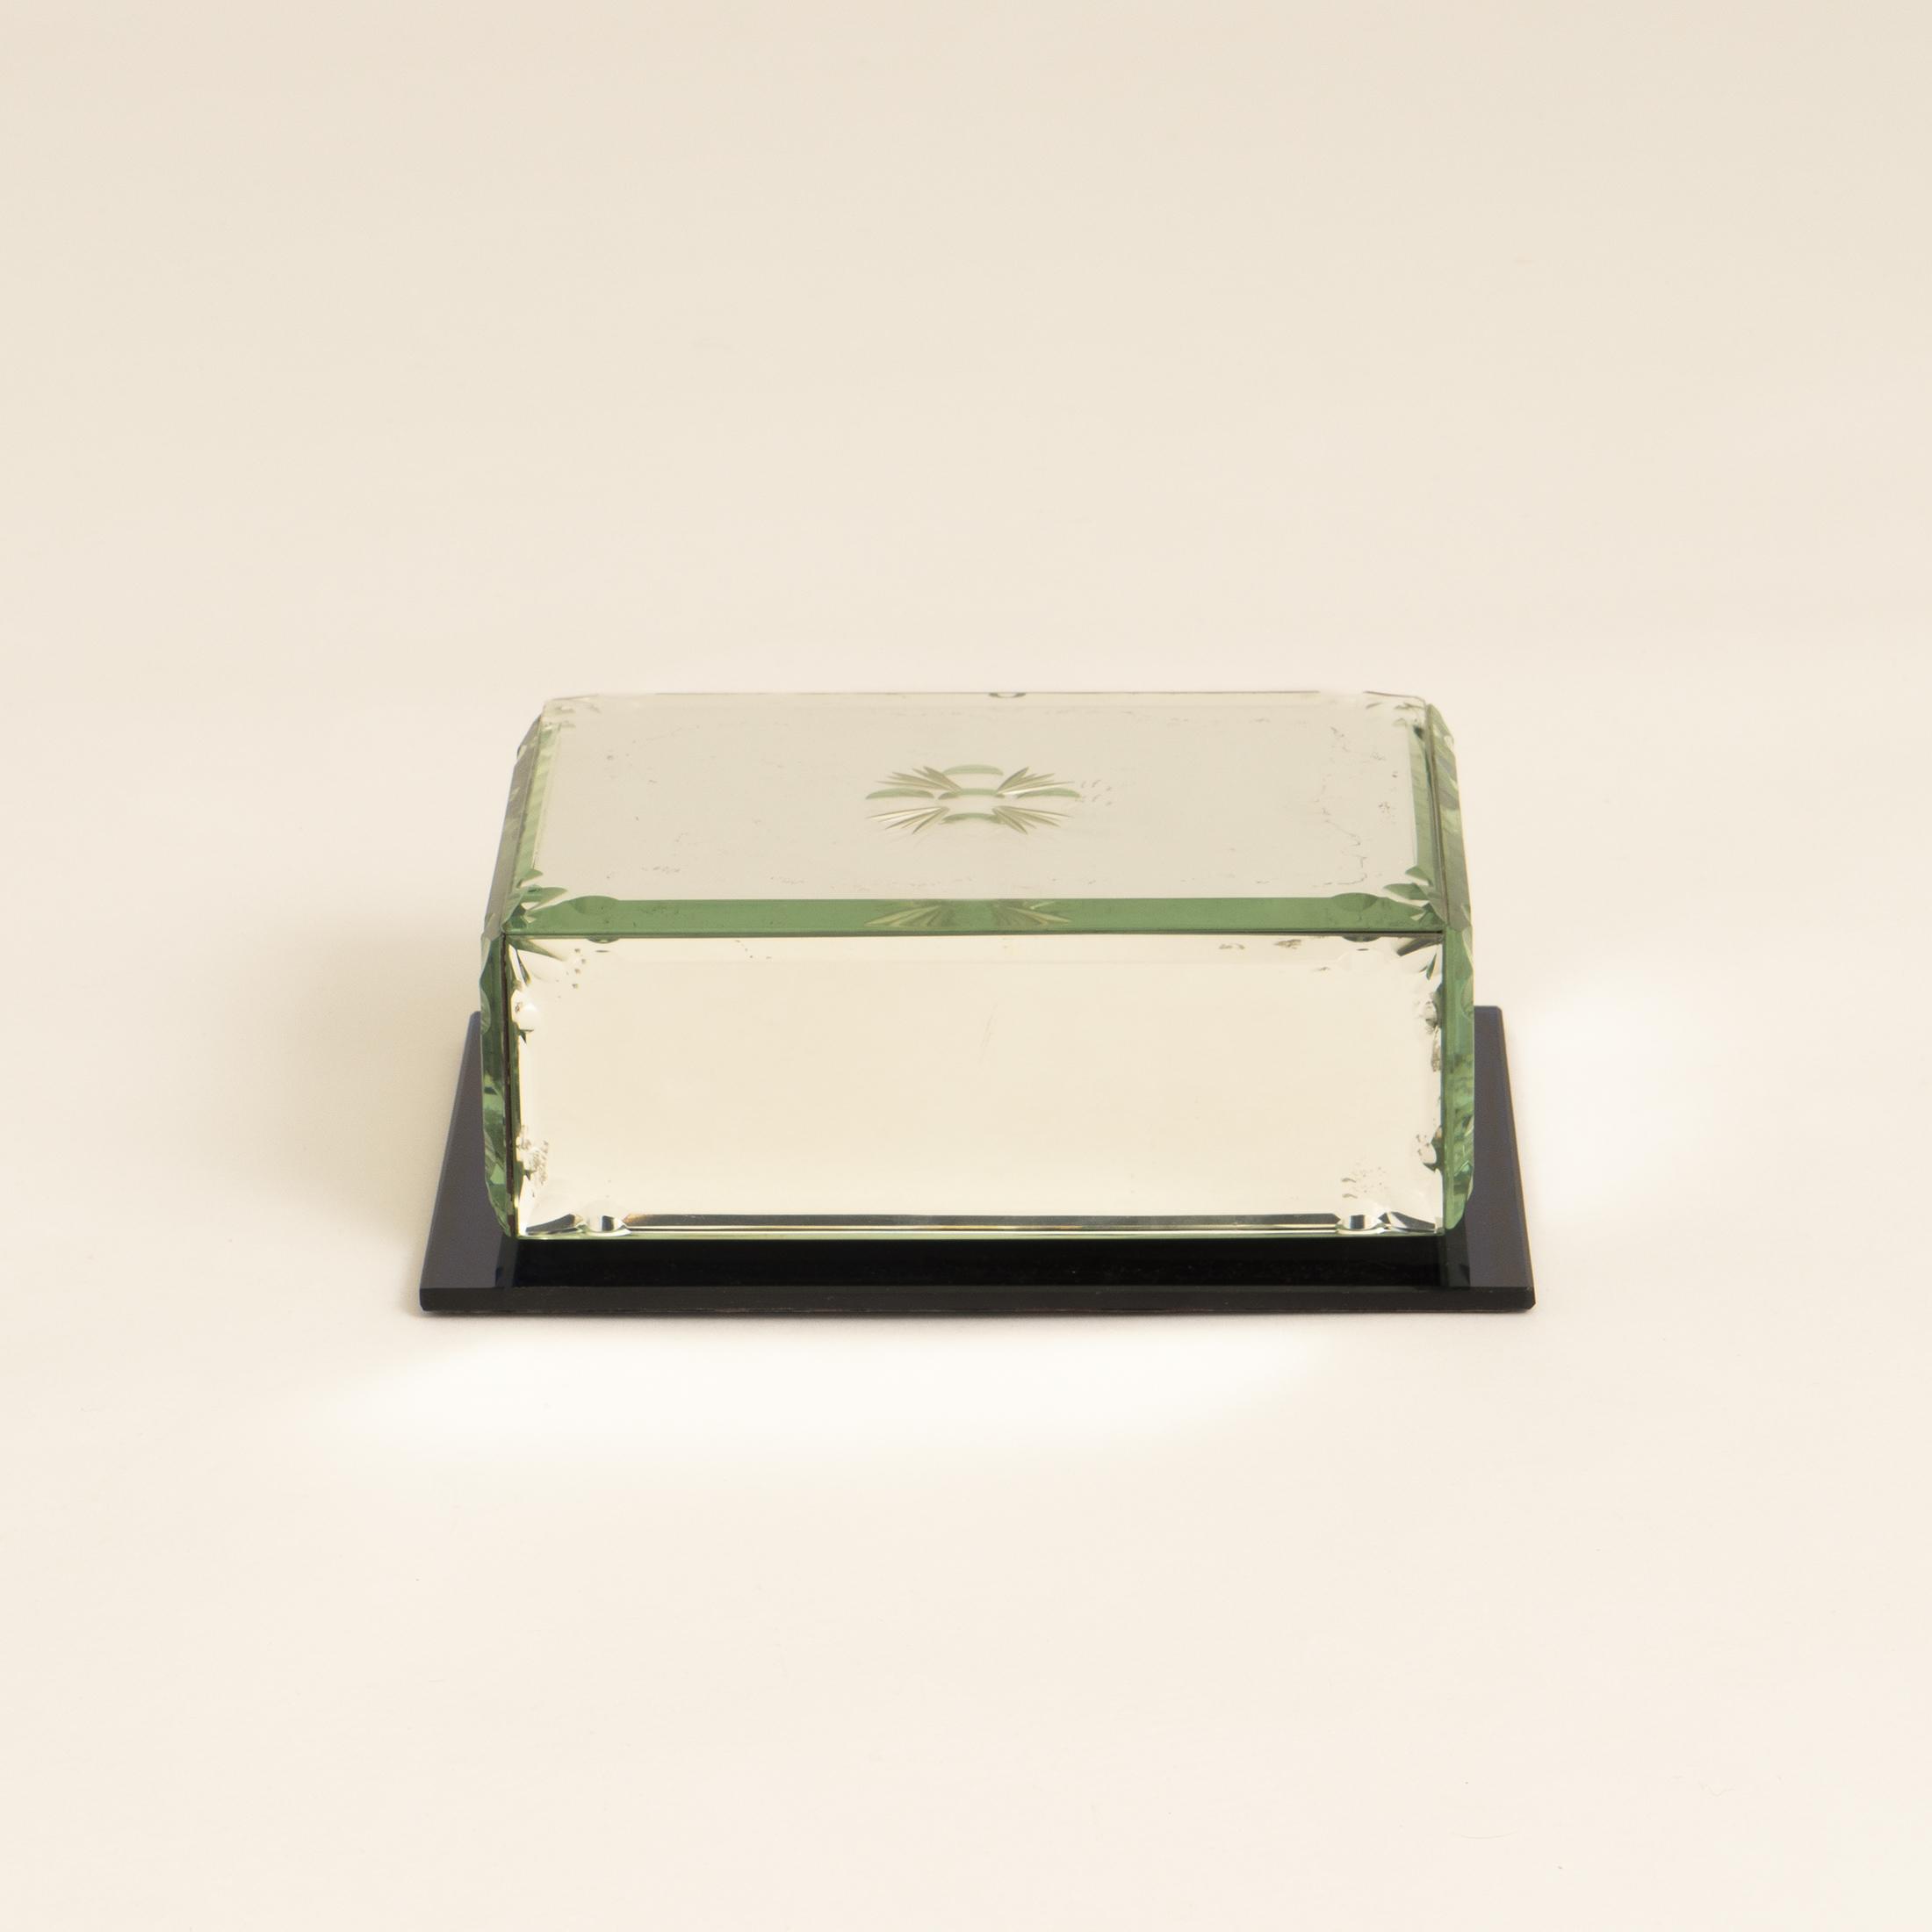 Mirrored Cigarette Box 0286